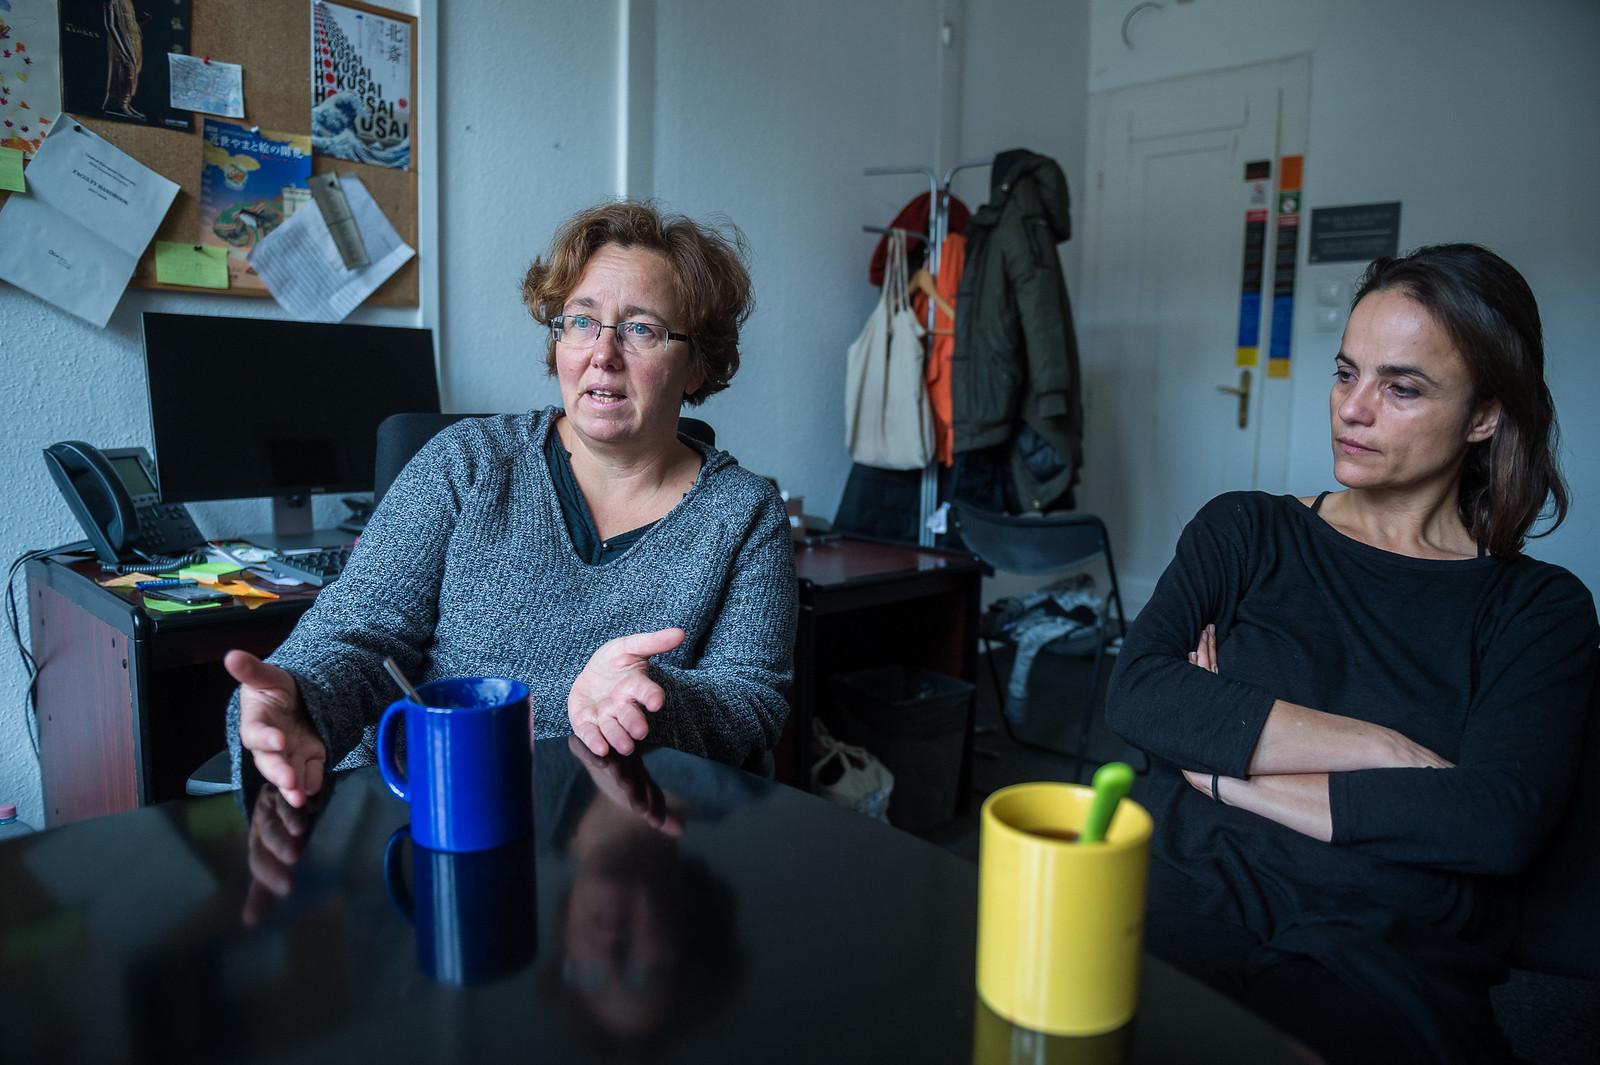 Messing Vera (balra) és Kende Ágnes (jobbra) | Fotó: Draskovics Ádám / Képszerkesztőség